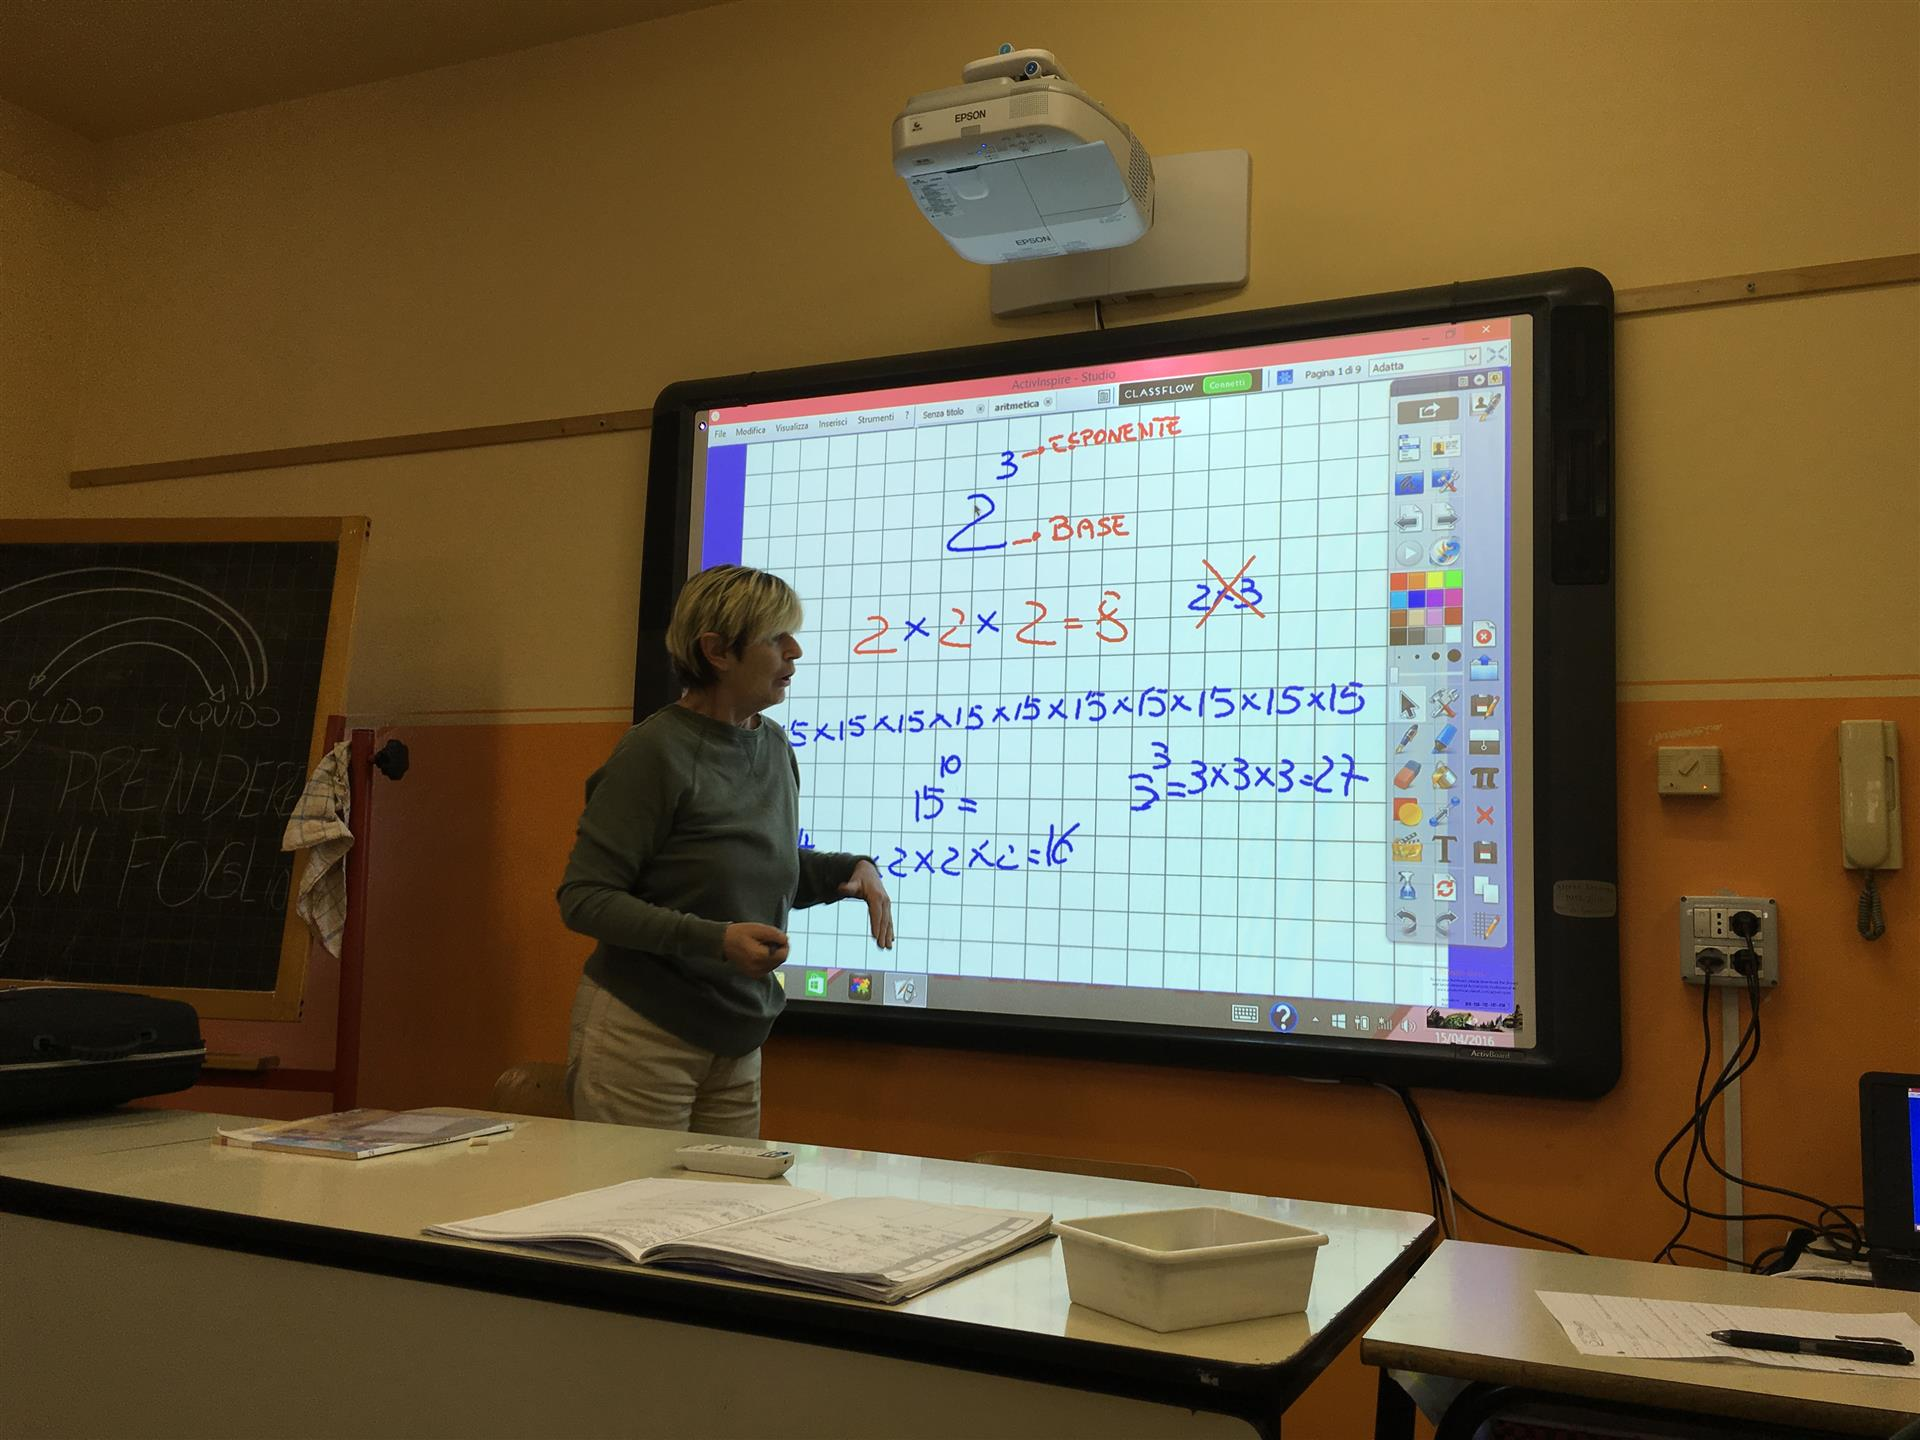 L'insegnante spiega il funzionamento della LIM